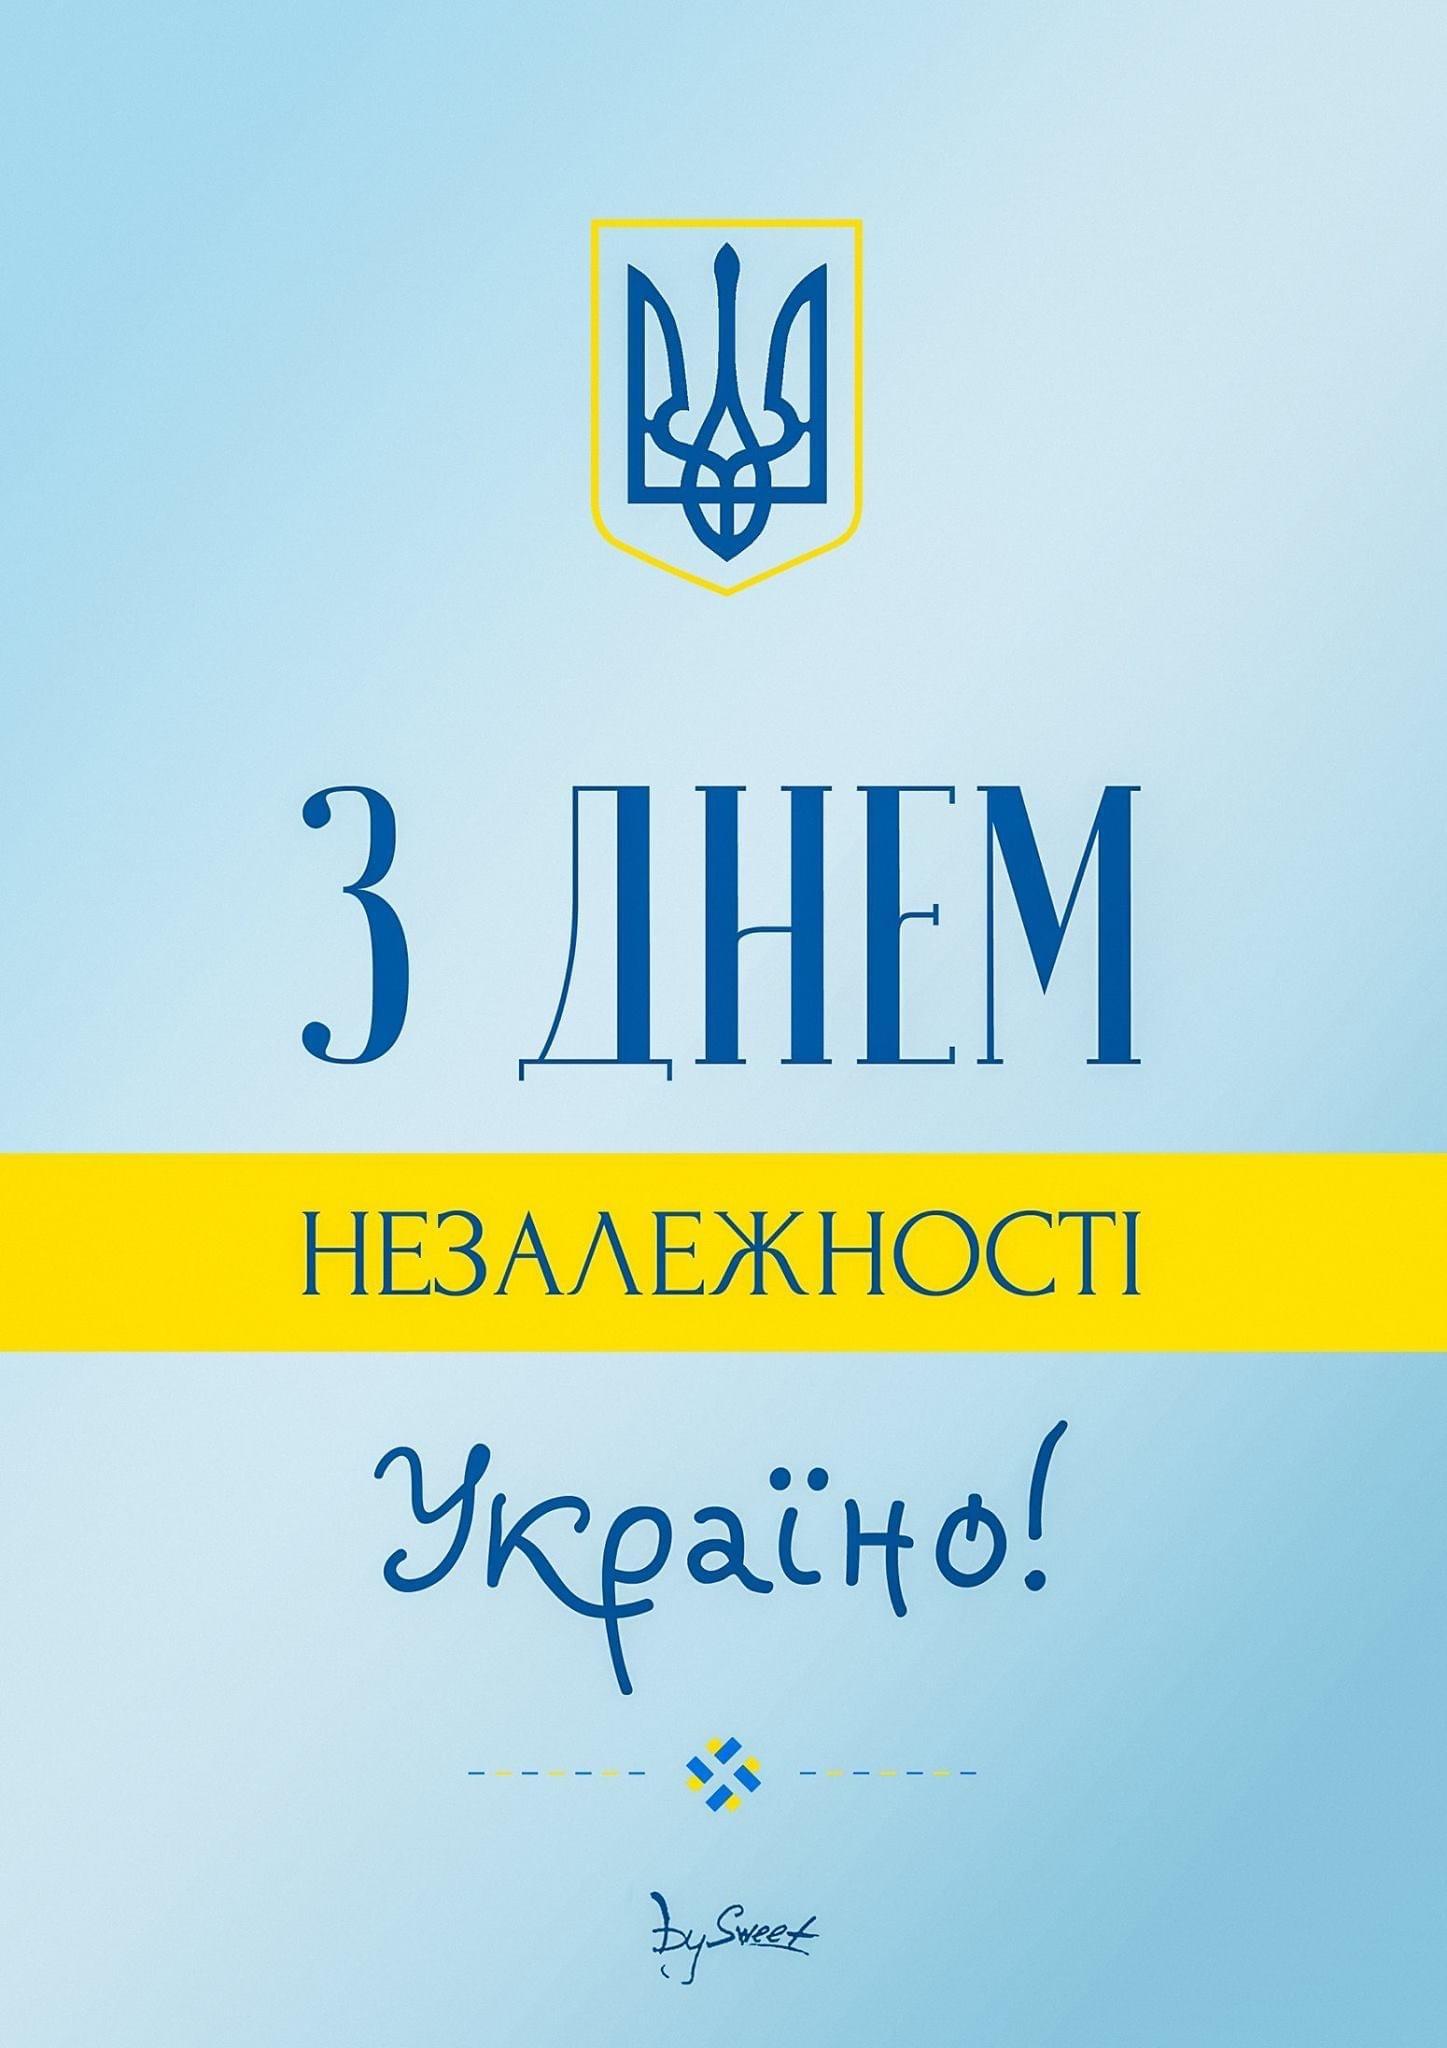 Постер до дня незалежності, 2018 рік